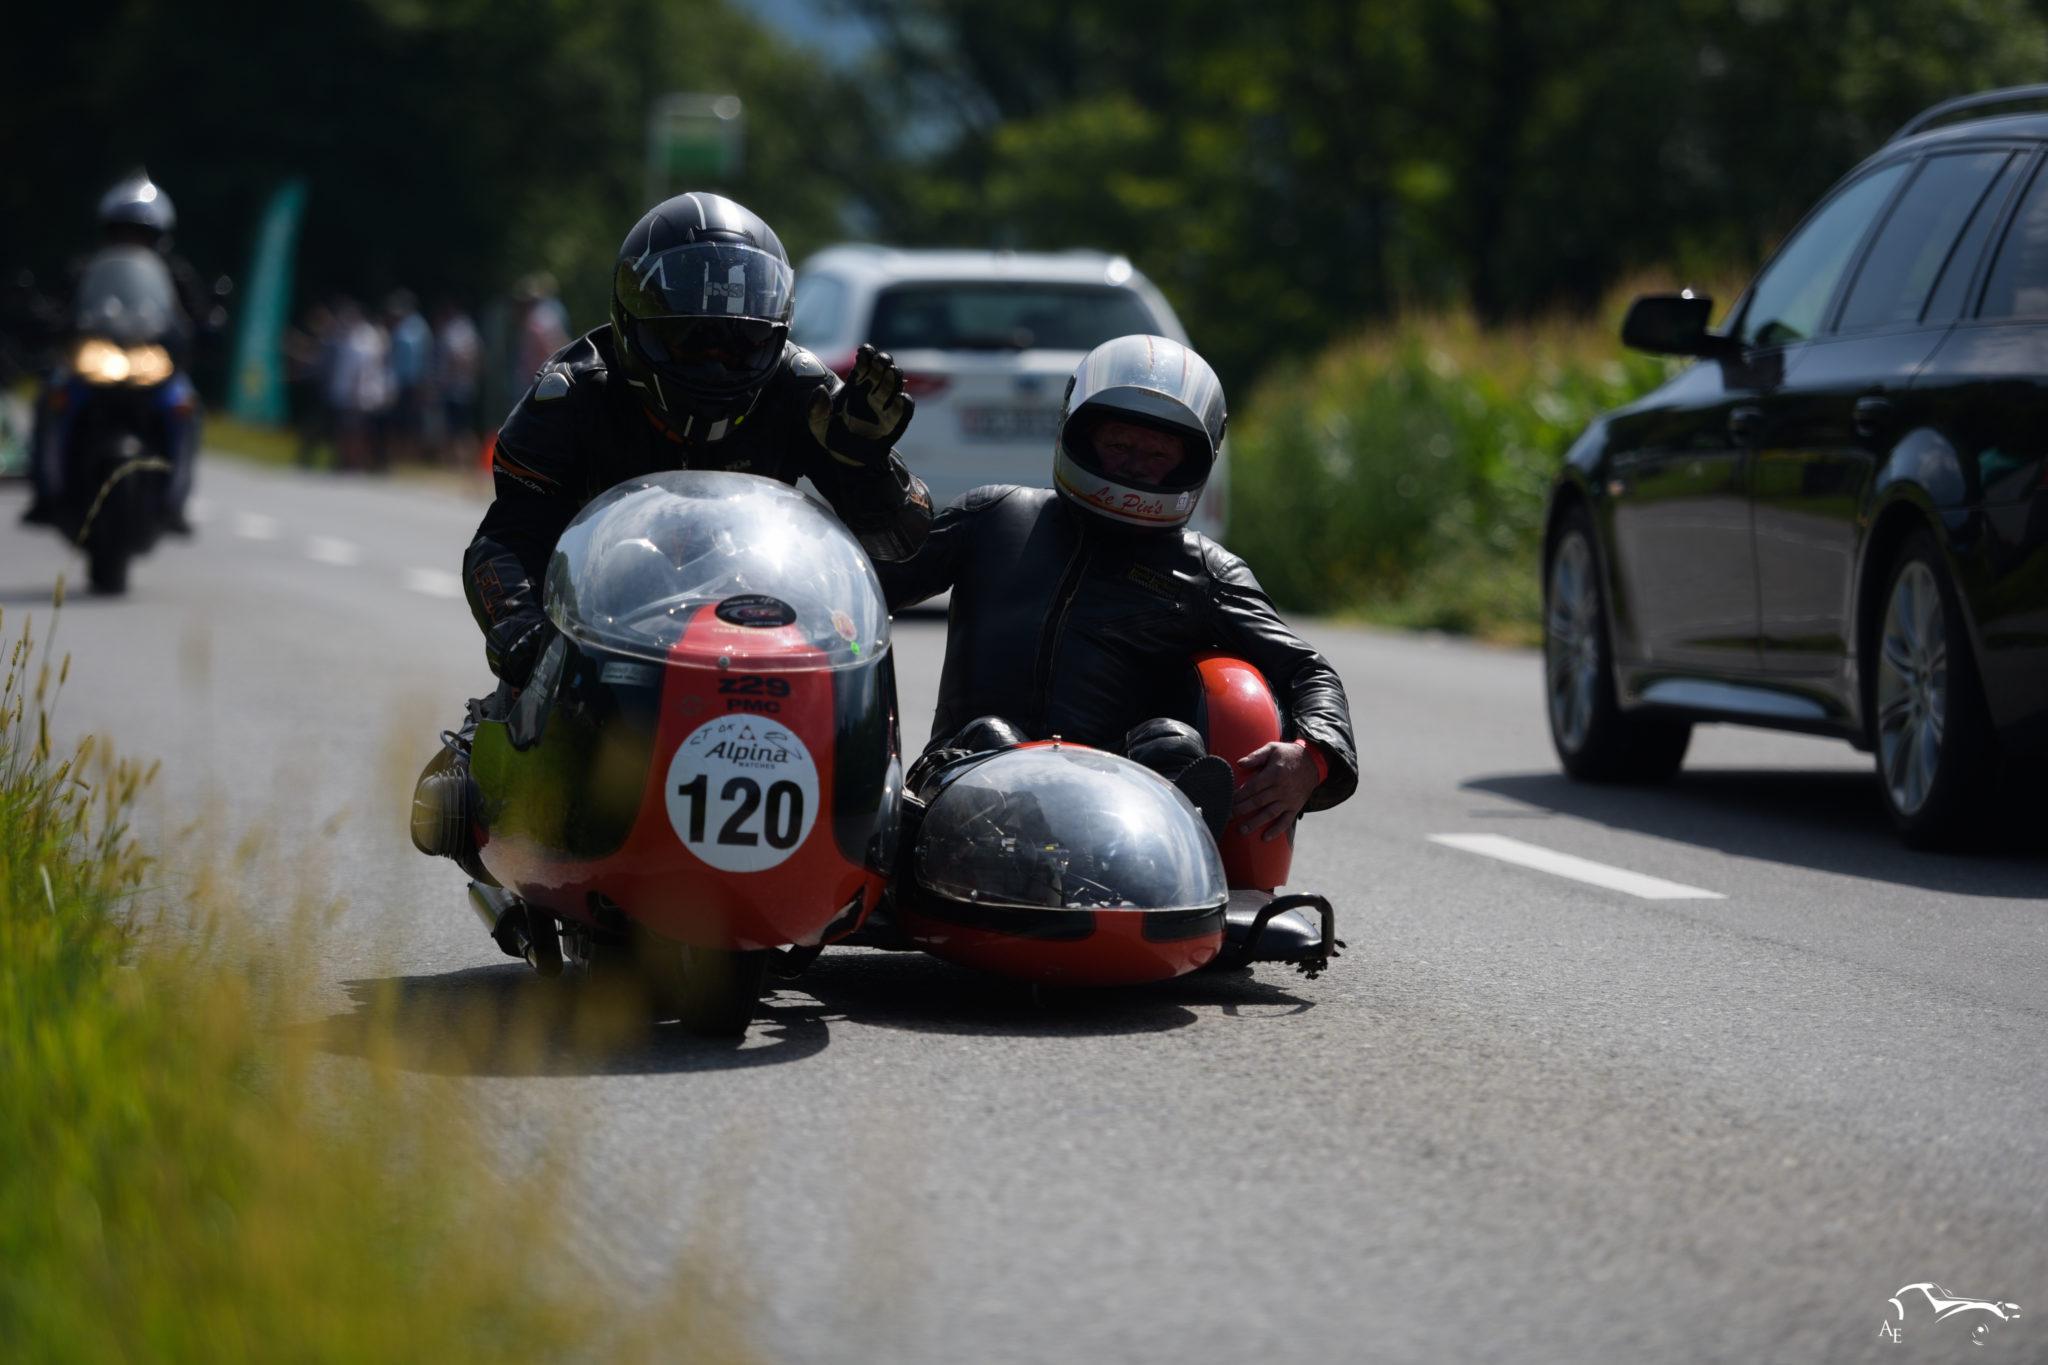 Herren Hmpk1 800 cc 1964